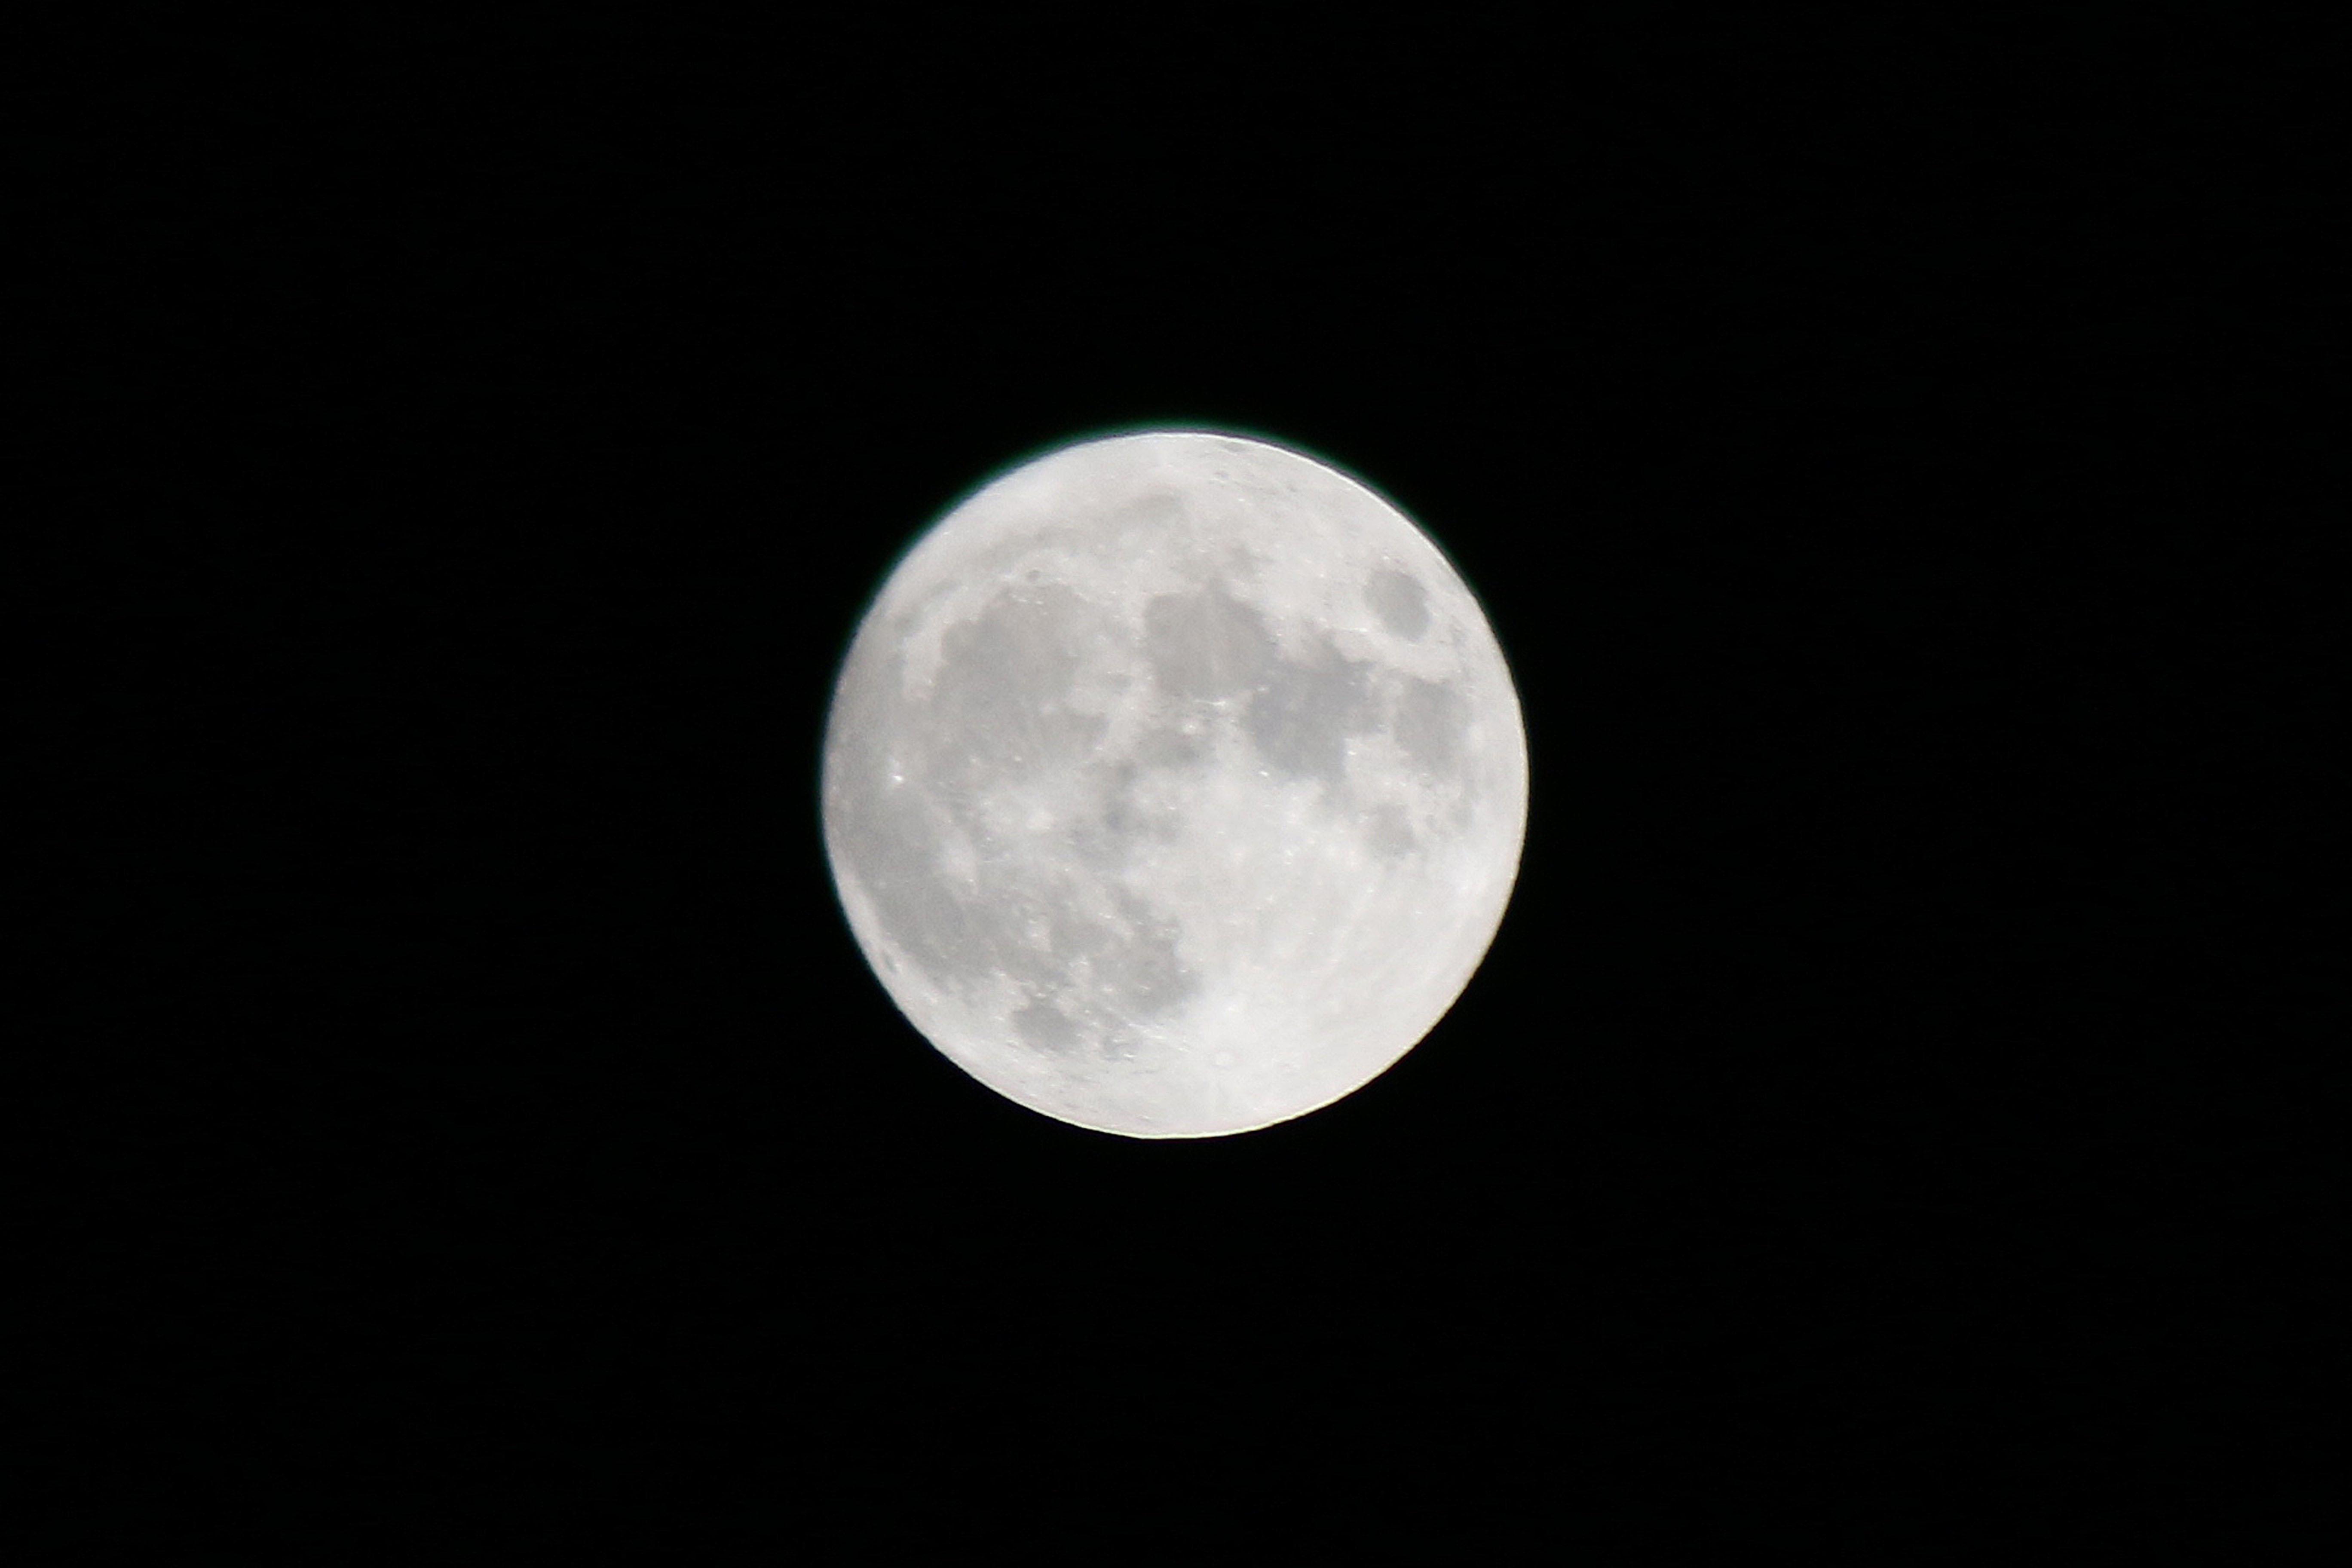 中秋の名月と牡羊座の満月〜もうちょっとわがままに生きてもいいのかも